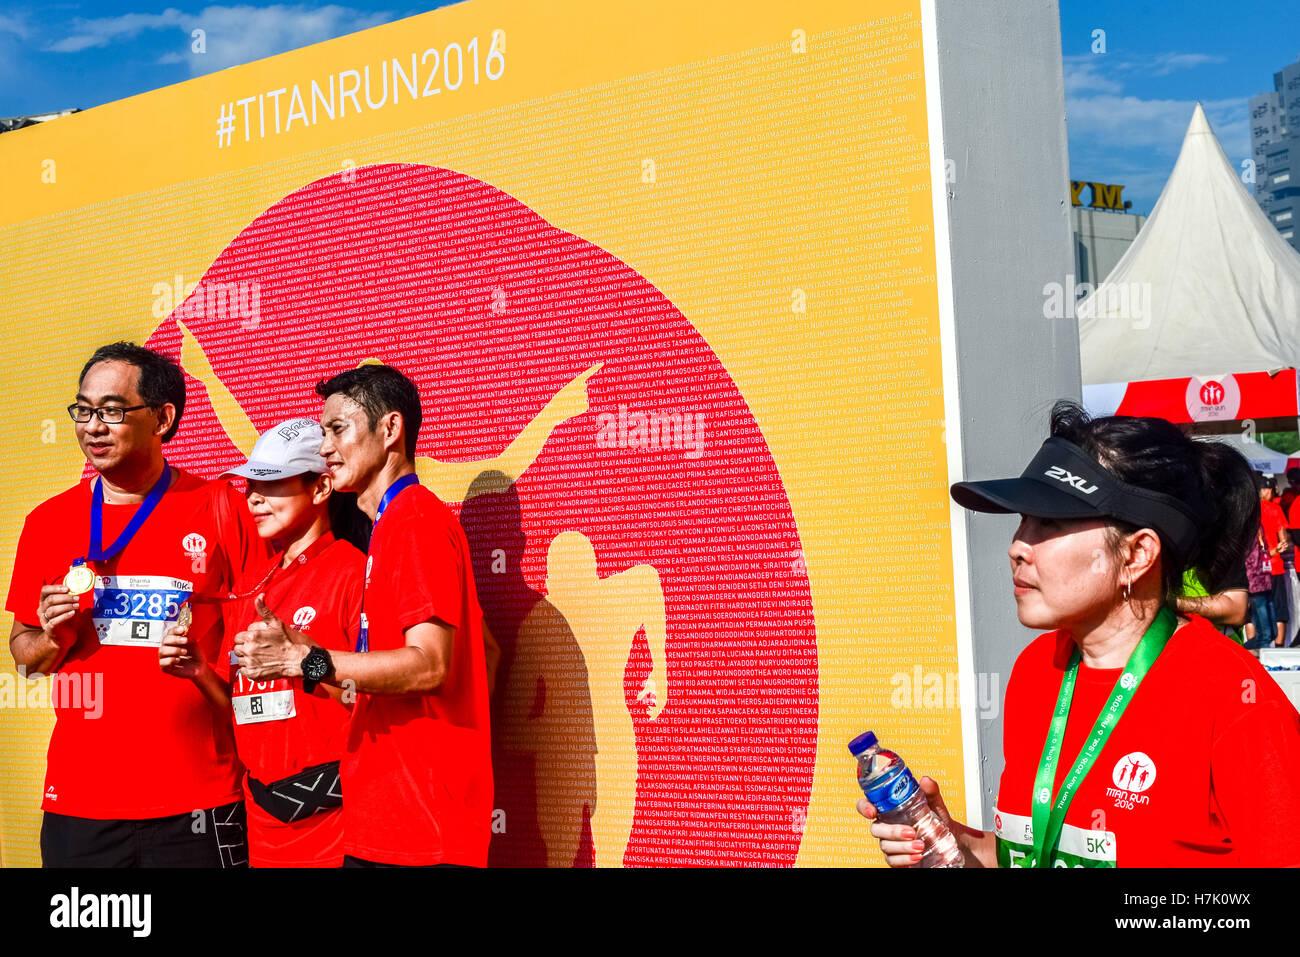 Finisher mit Foto-Session mit Podium im Hintergrund nach einem Rennen mit dem Titel Titan laufen in Tangerang, Indonesien. Stockbild